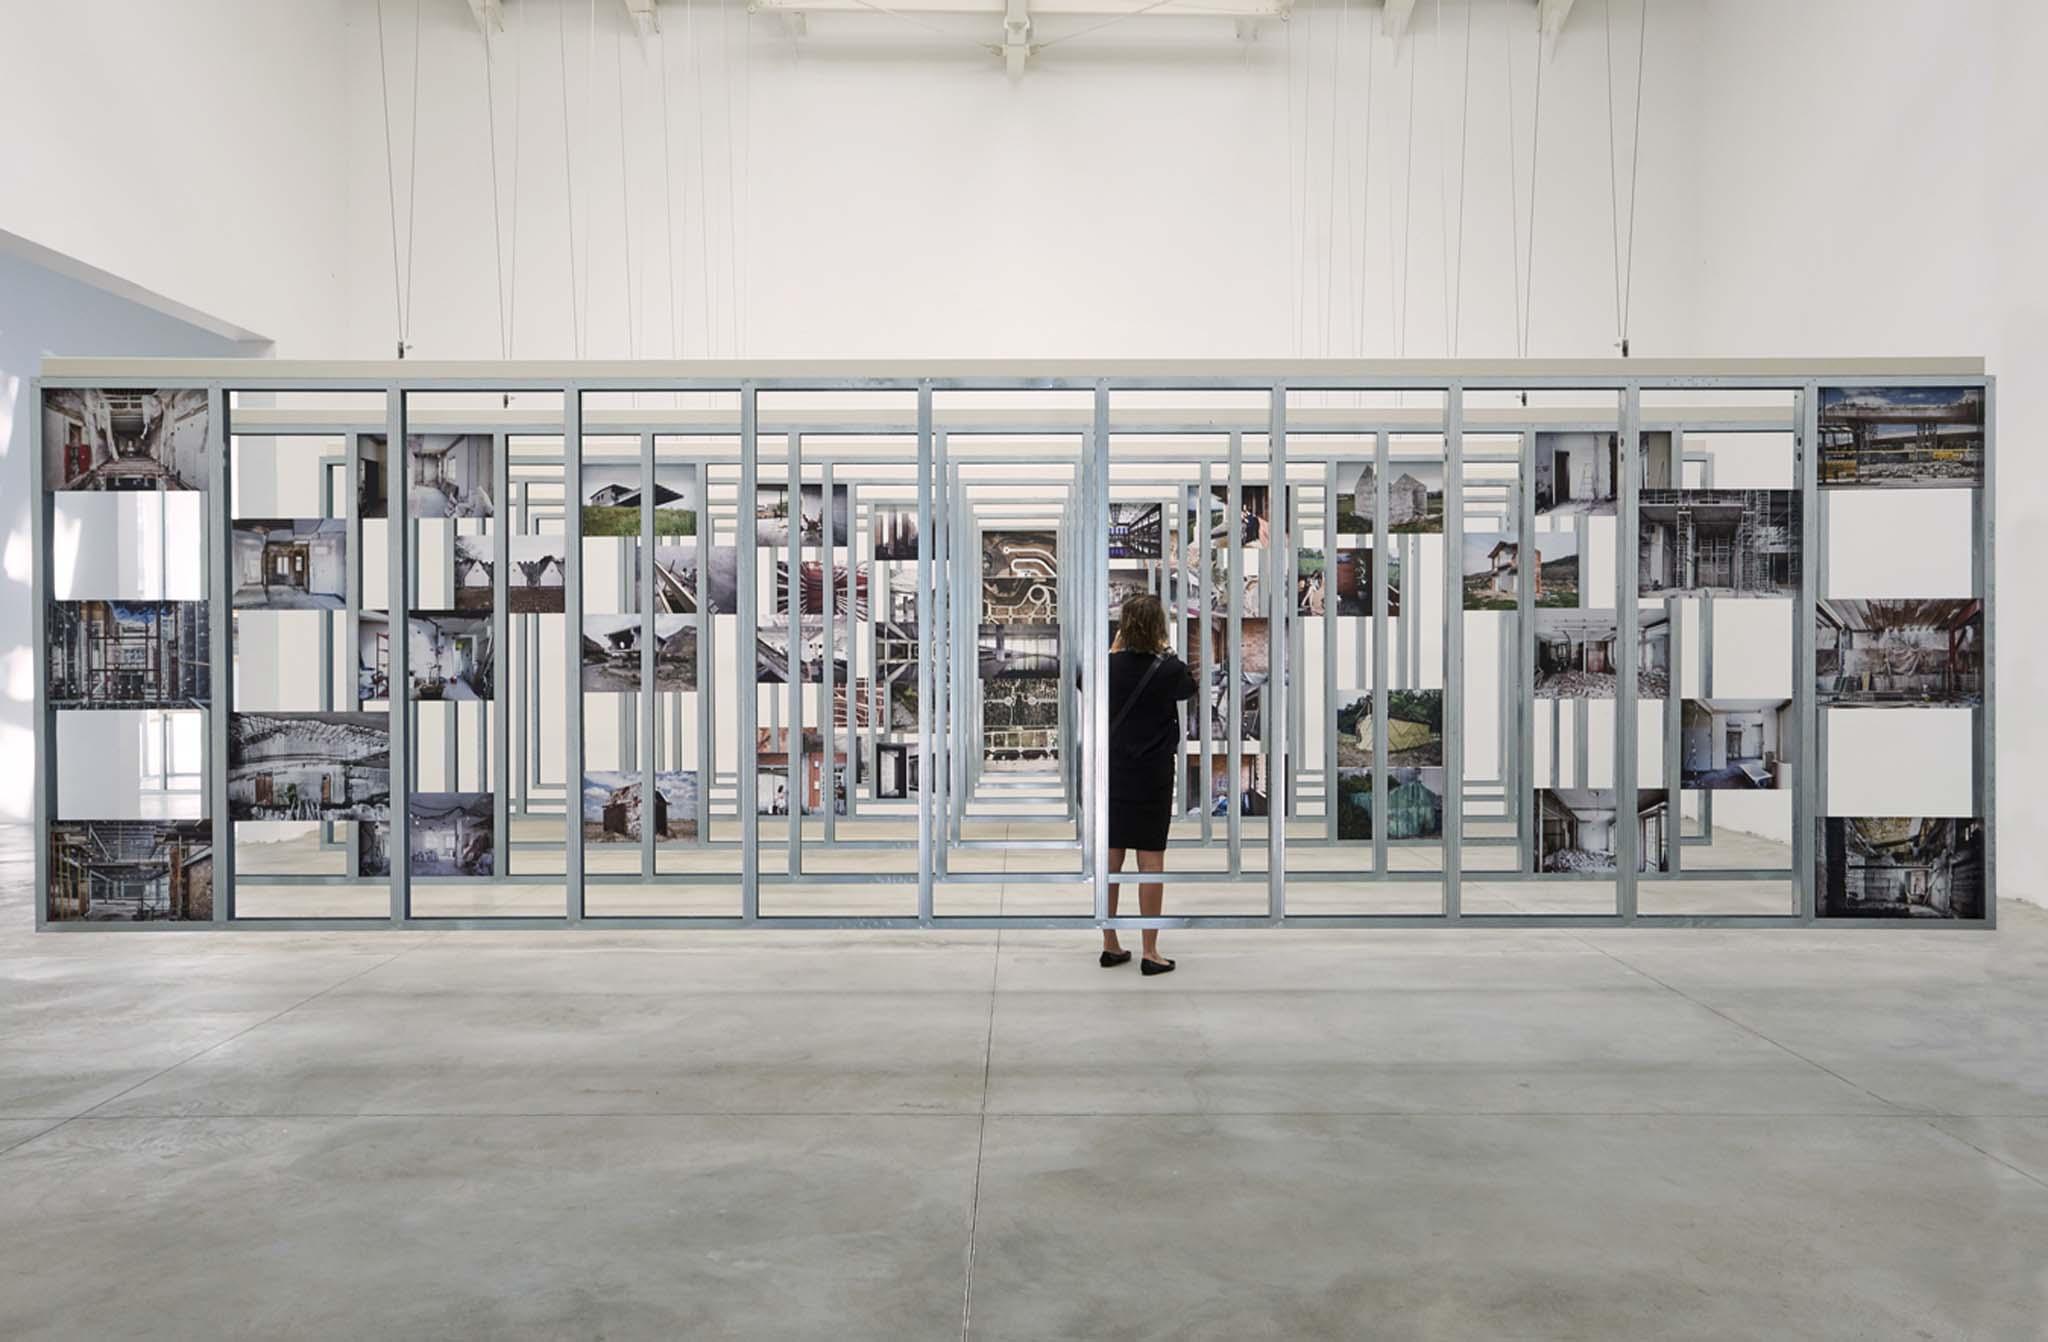 Biennale de venise 2016 le pavillon espagnol et le for Architecture venise